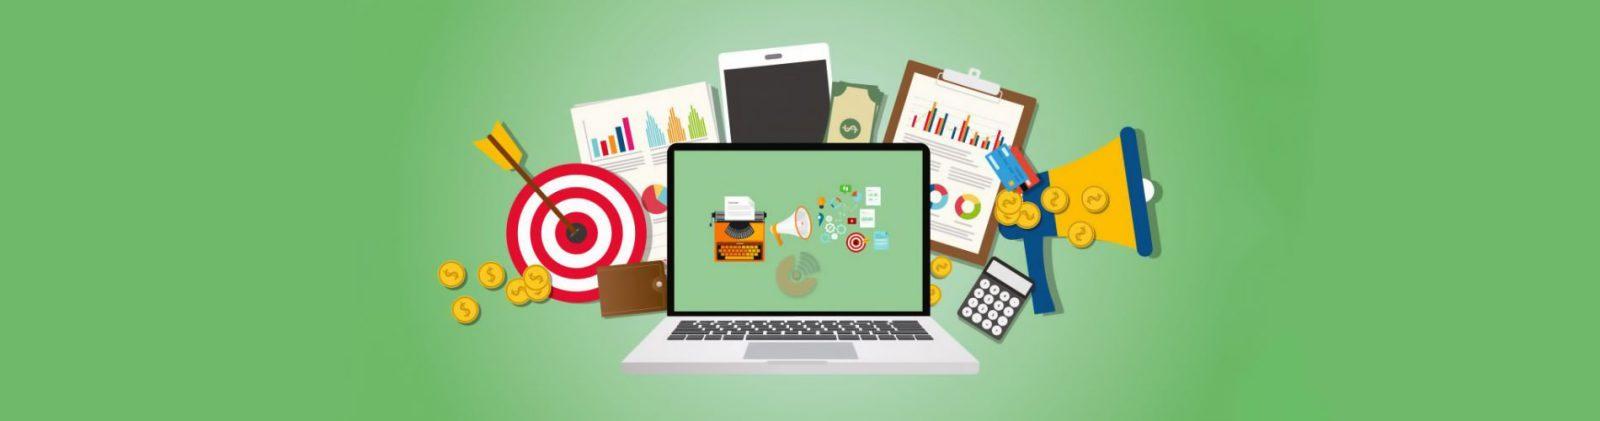 بازاریابی و فروش در فضای مجازی